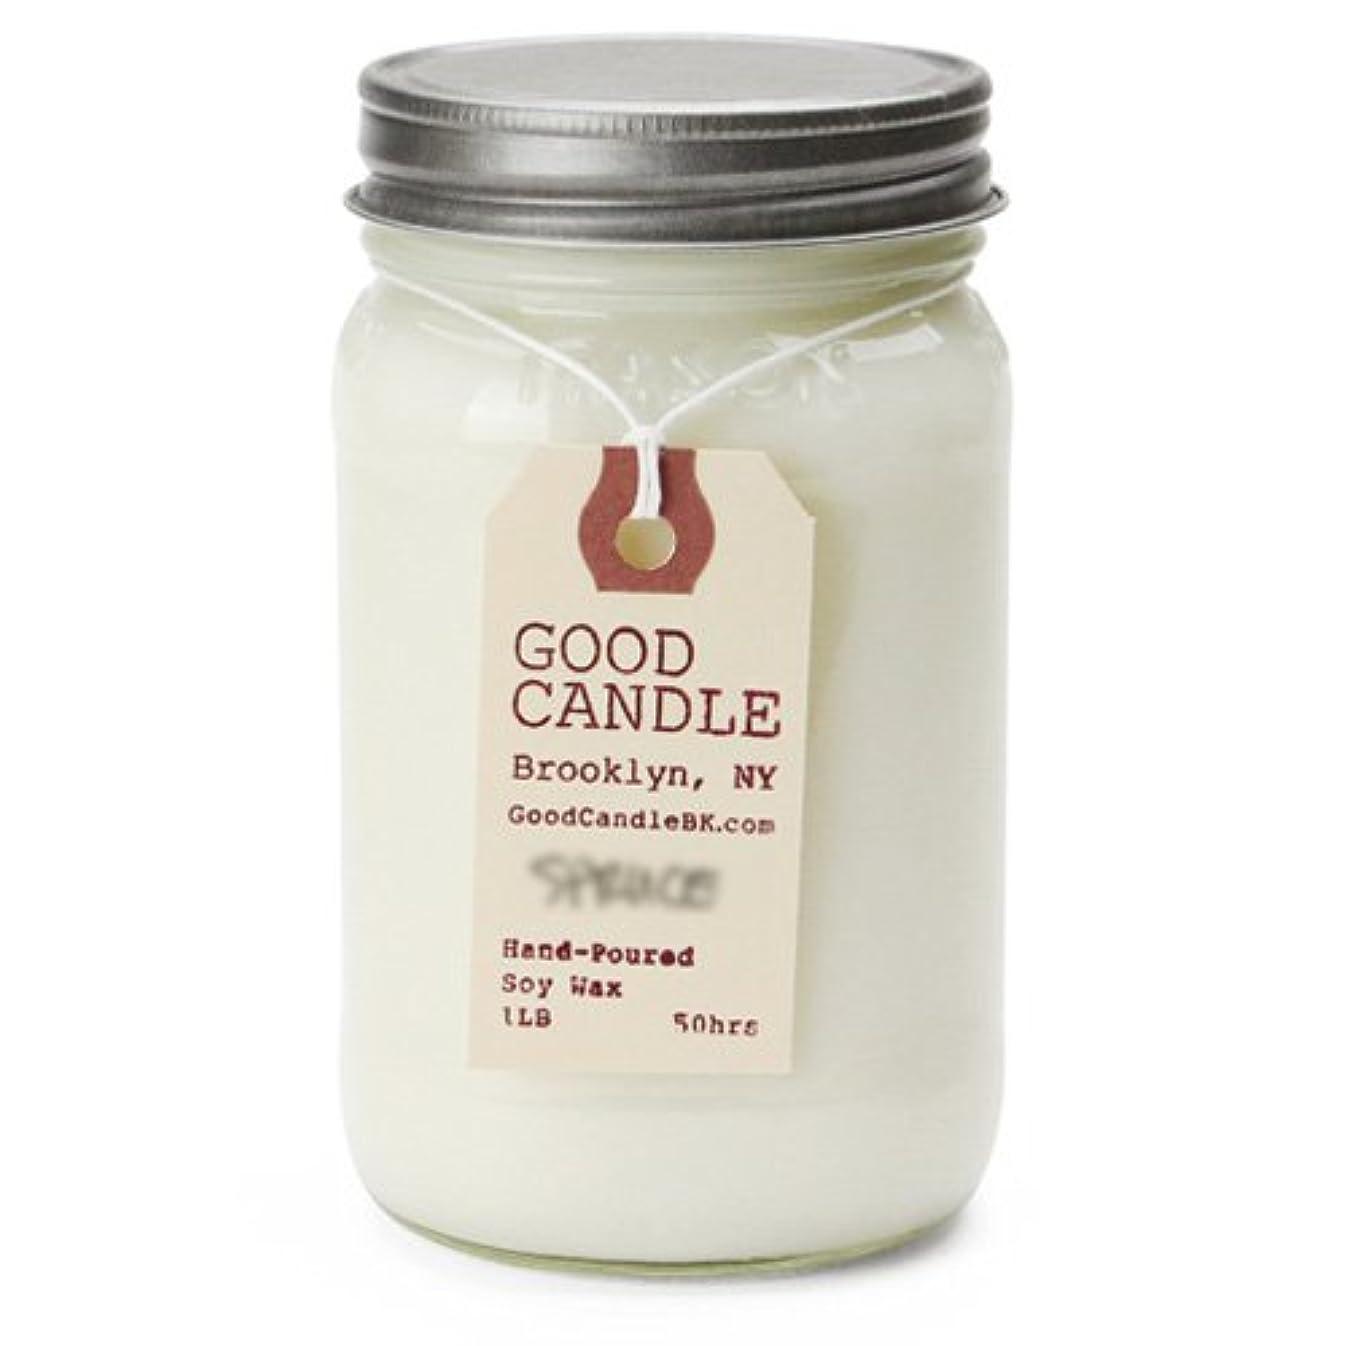 機械的に振る舞い対立グッドキャンドル 1ポンド メイソンジャー キャンドル Good Candle 1LB Mason jar candle [ Lavender ] 正規品